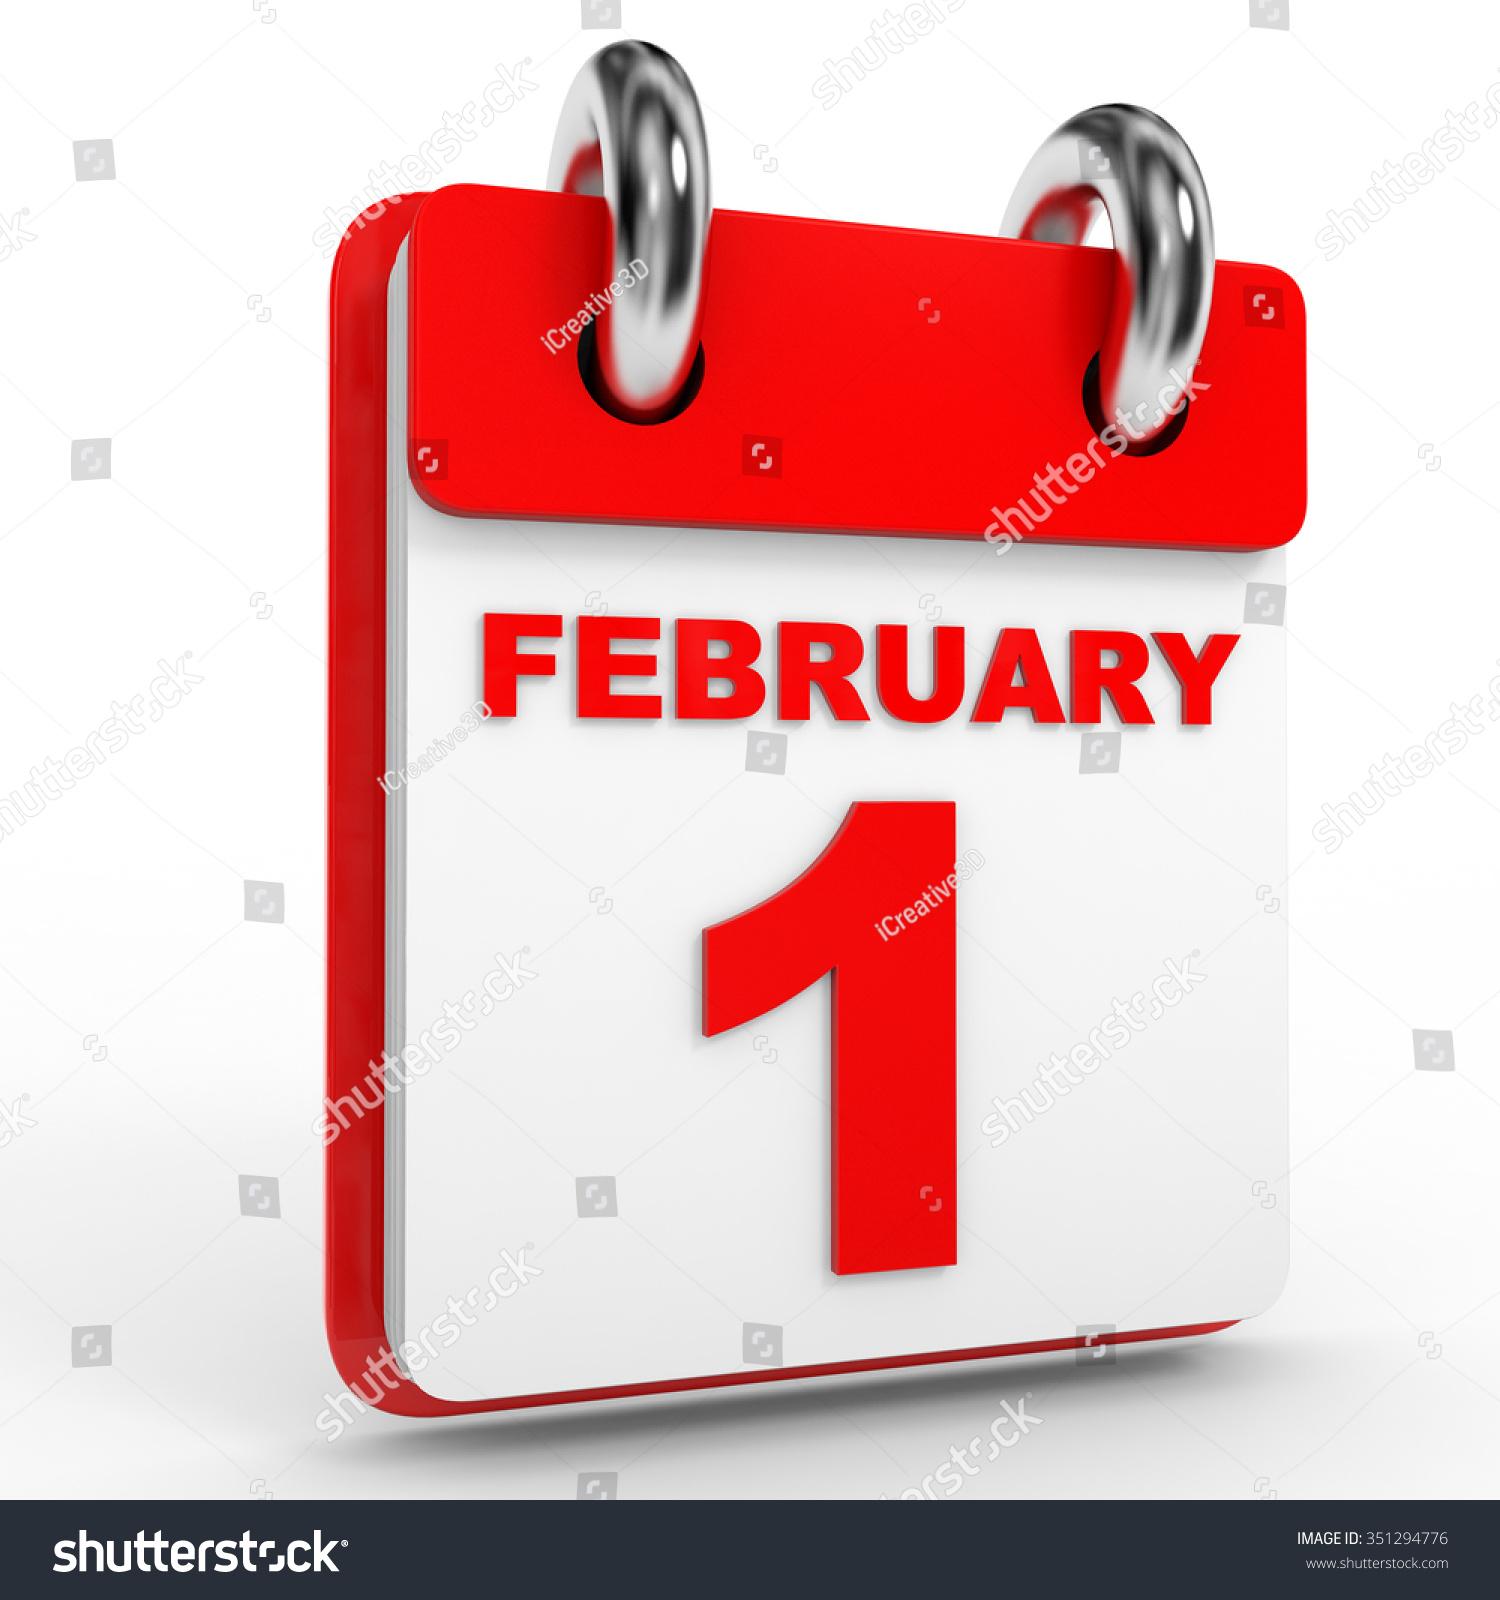 February Calendar Illustration : February calendar on white background stock illustration